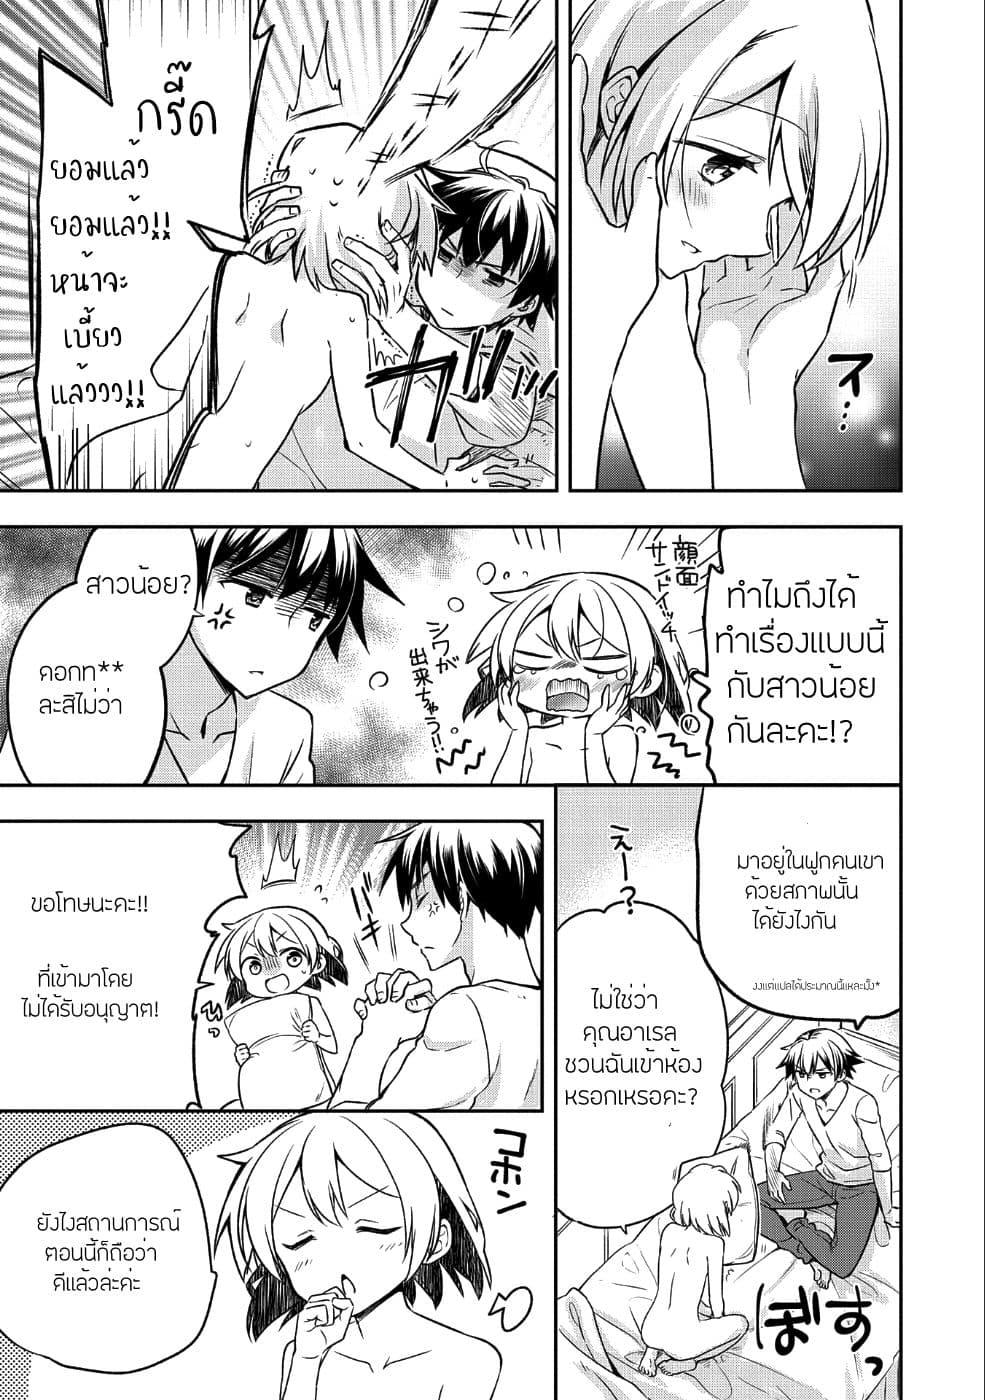 อ่านการ์ตูน Mushoku No Eiyuu Betsu Ni Skill Nanka Iranakatta Ndaga ตอนที่ 7 หน้าที่ 3